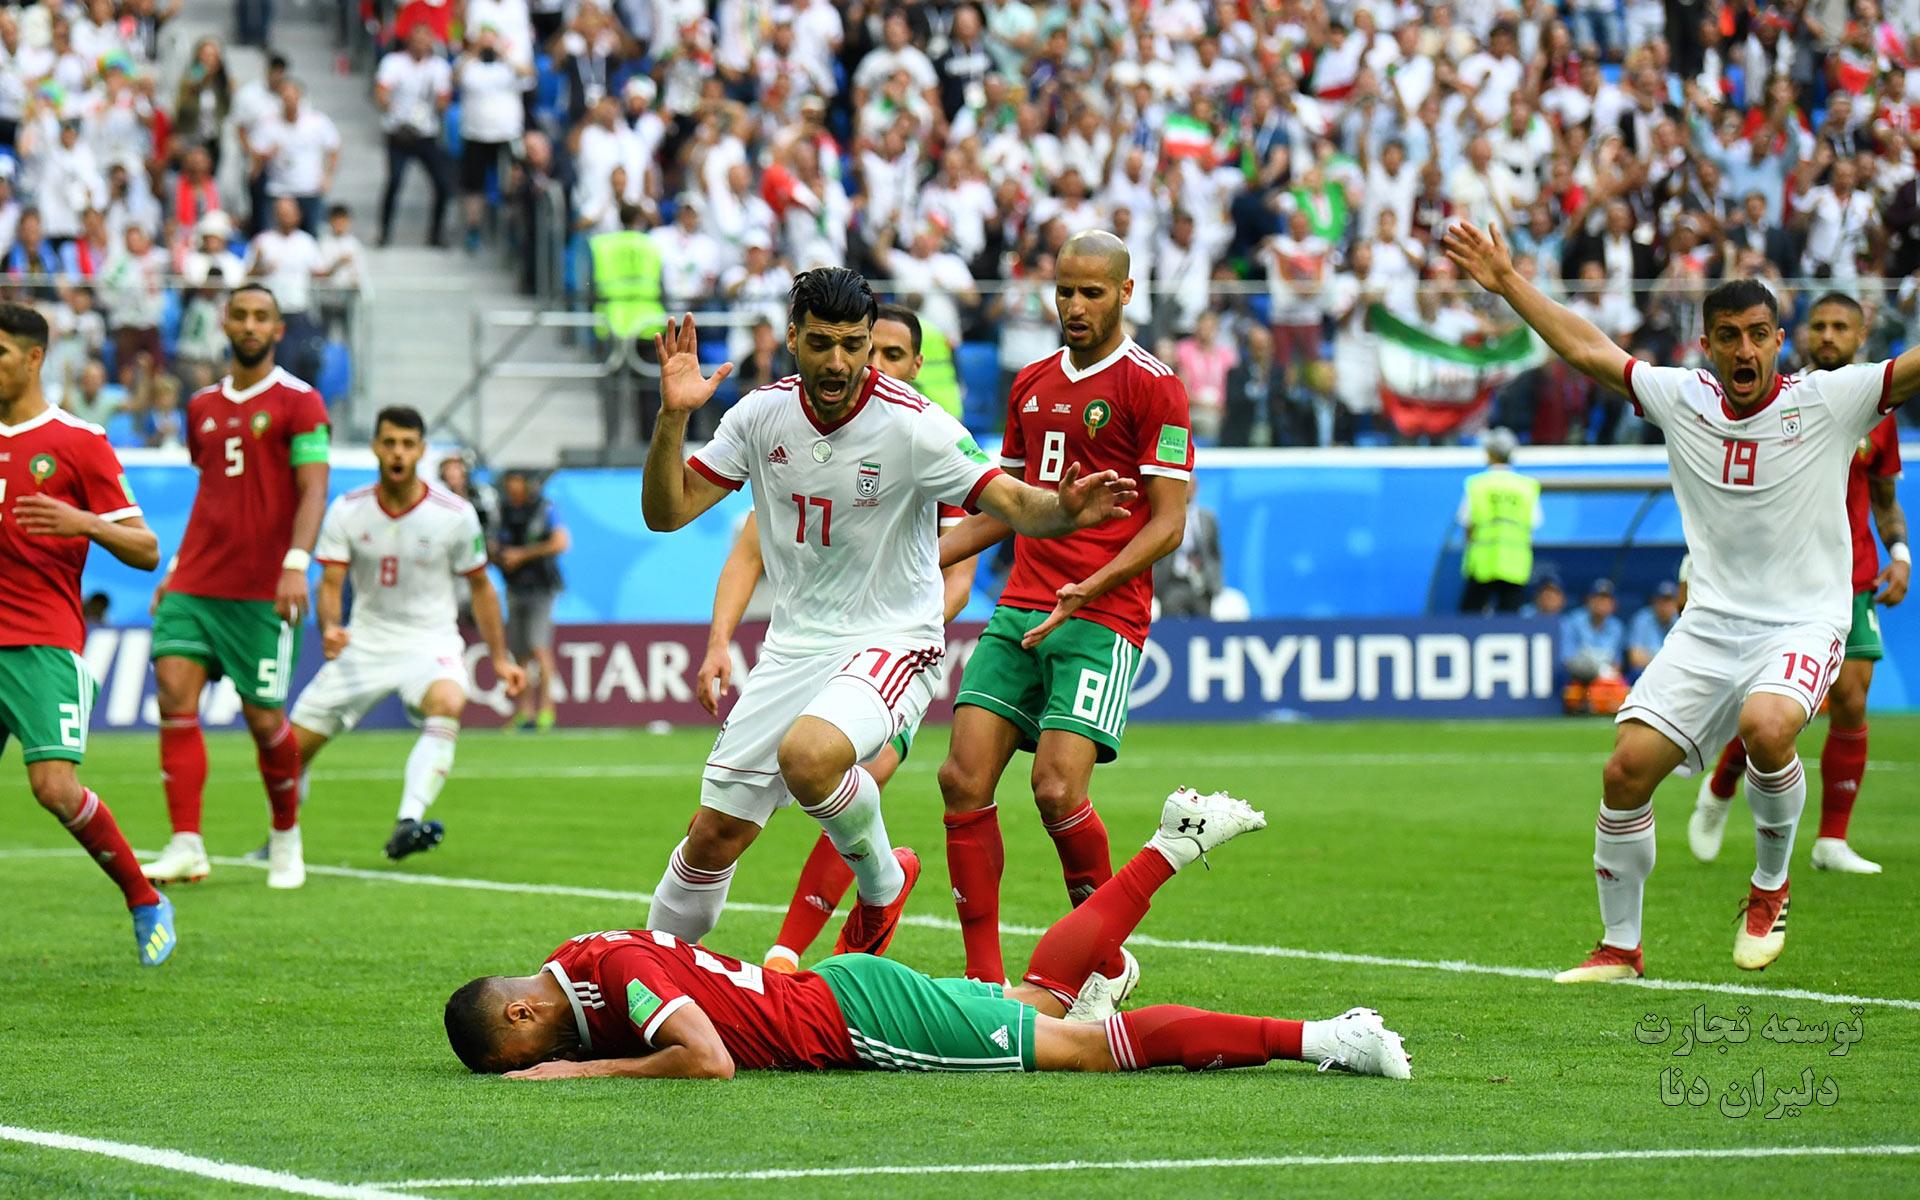 تصاویر با کیفیت تیم ملی فوتبال ایران برای پس زمینه 4